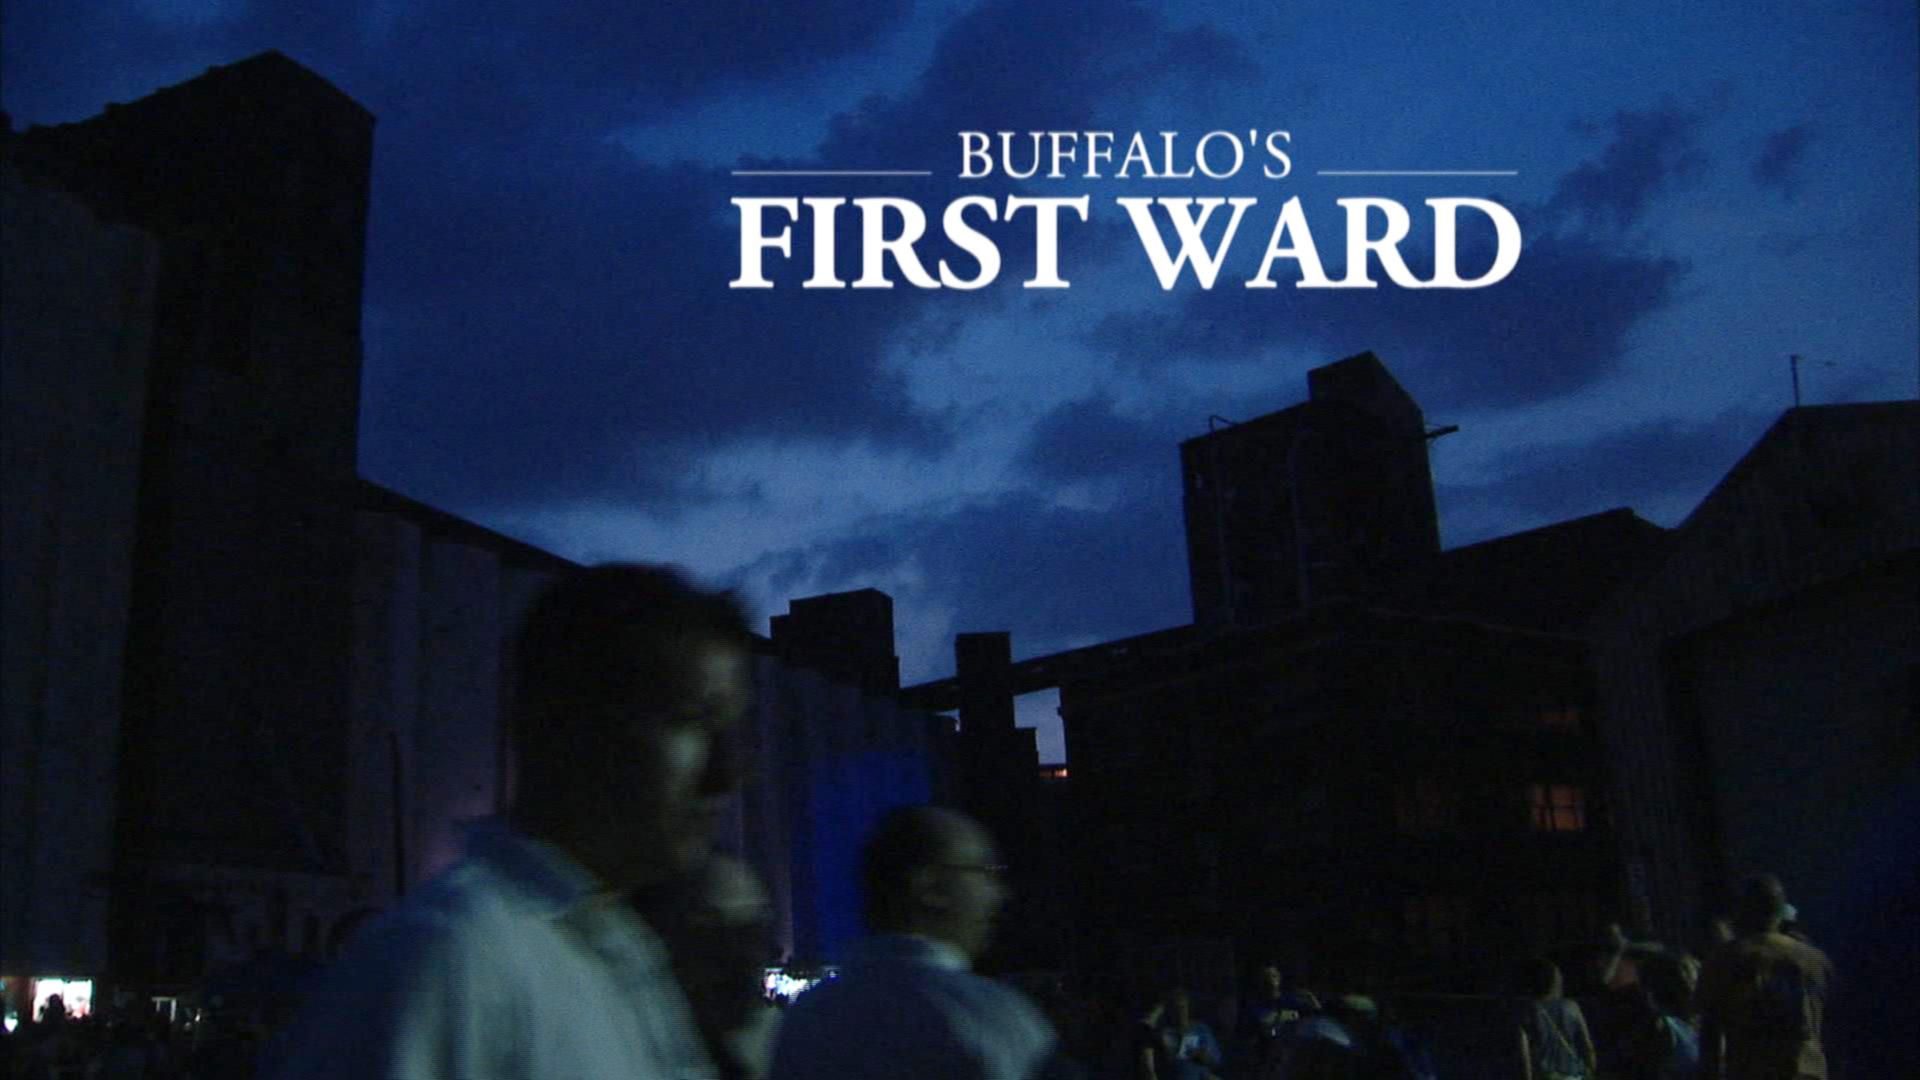 Buffalo's First Ward